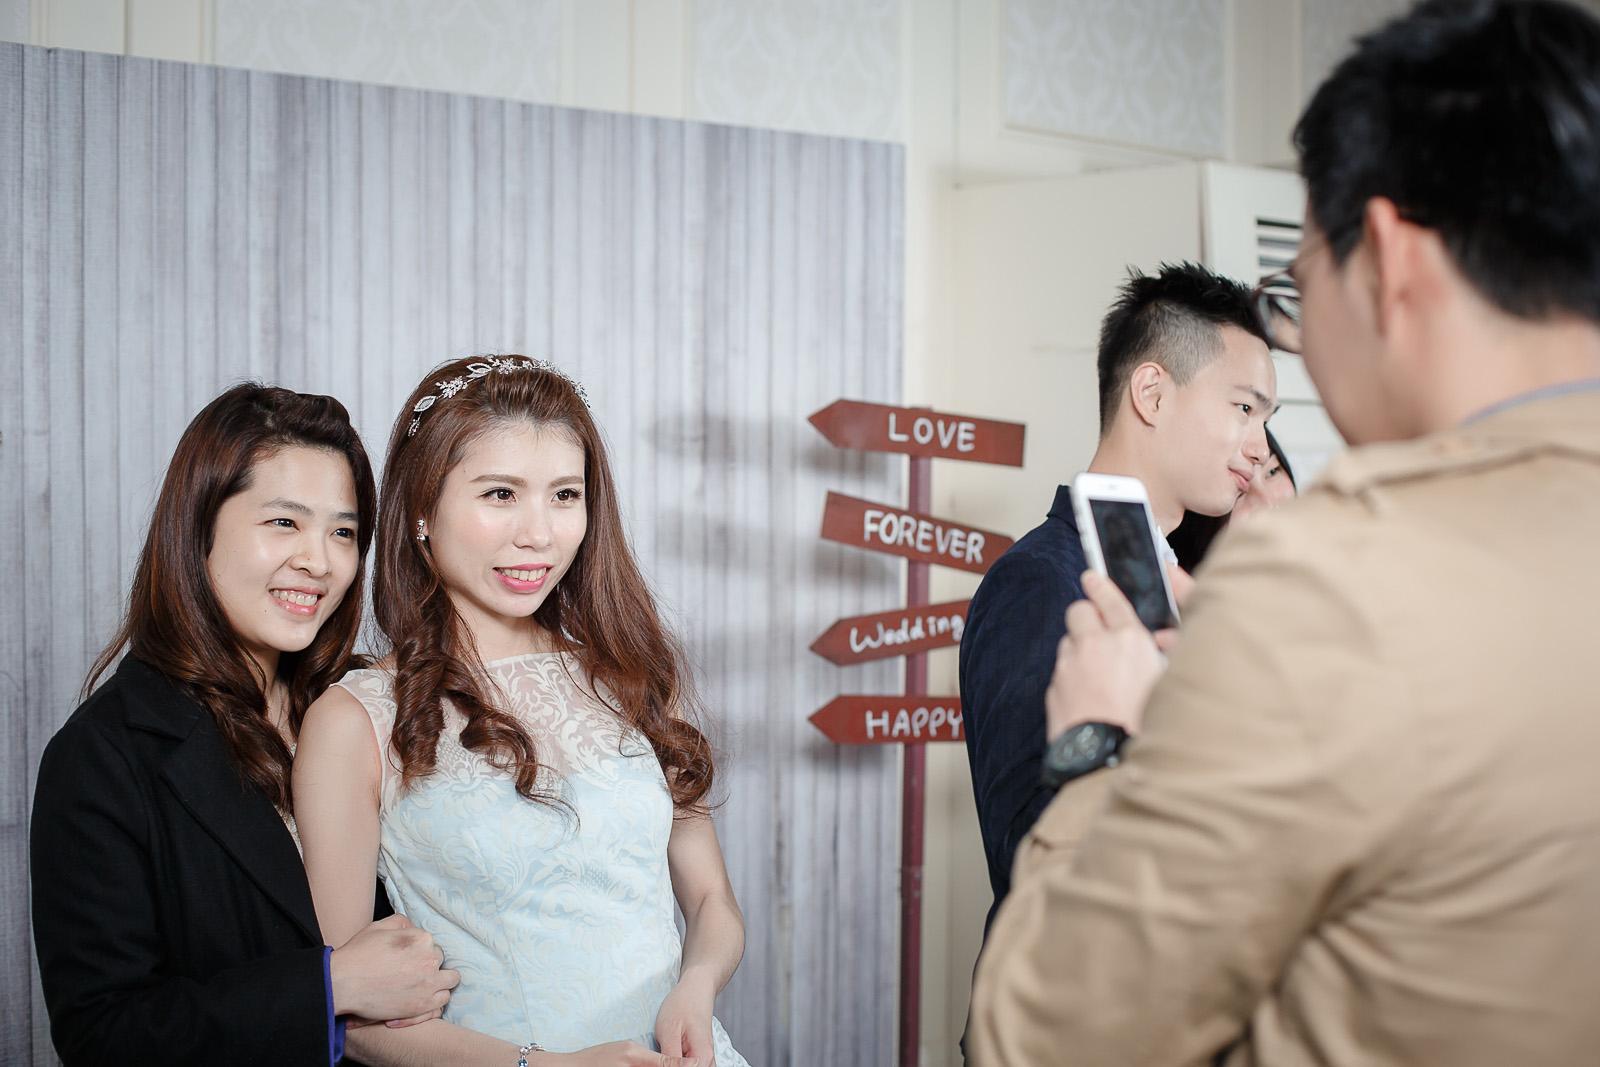 高雄圓山飯店,婚禮攝影,婚攝,高雄婚攝,優質婚攝推薦,Jen&Ethan-339